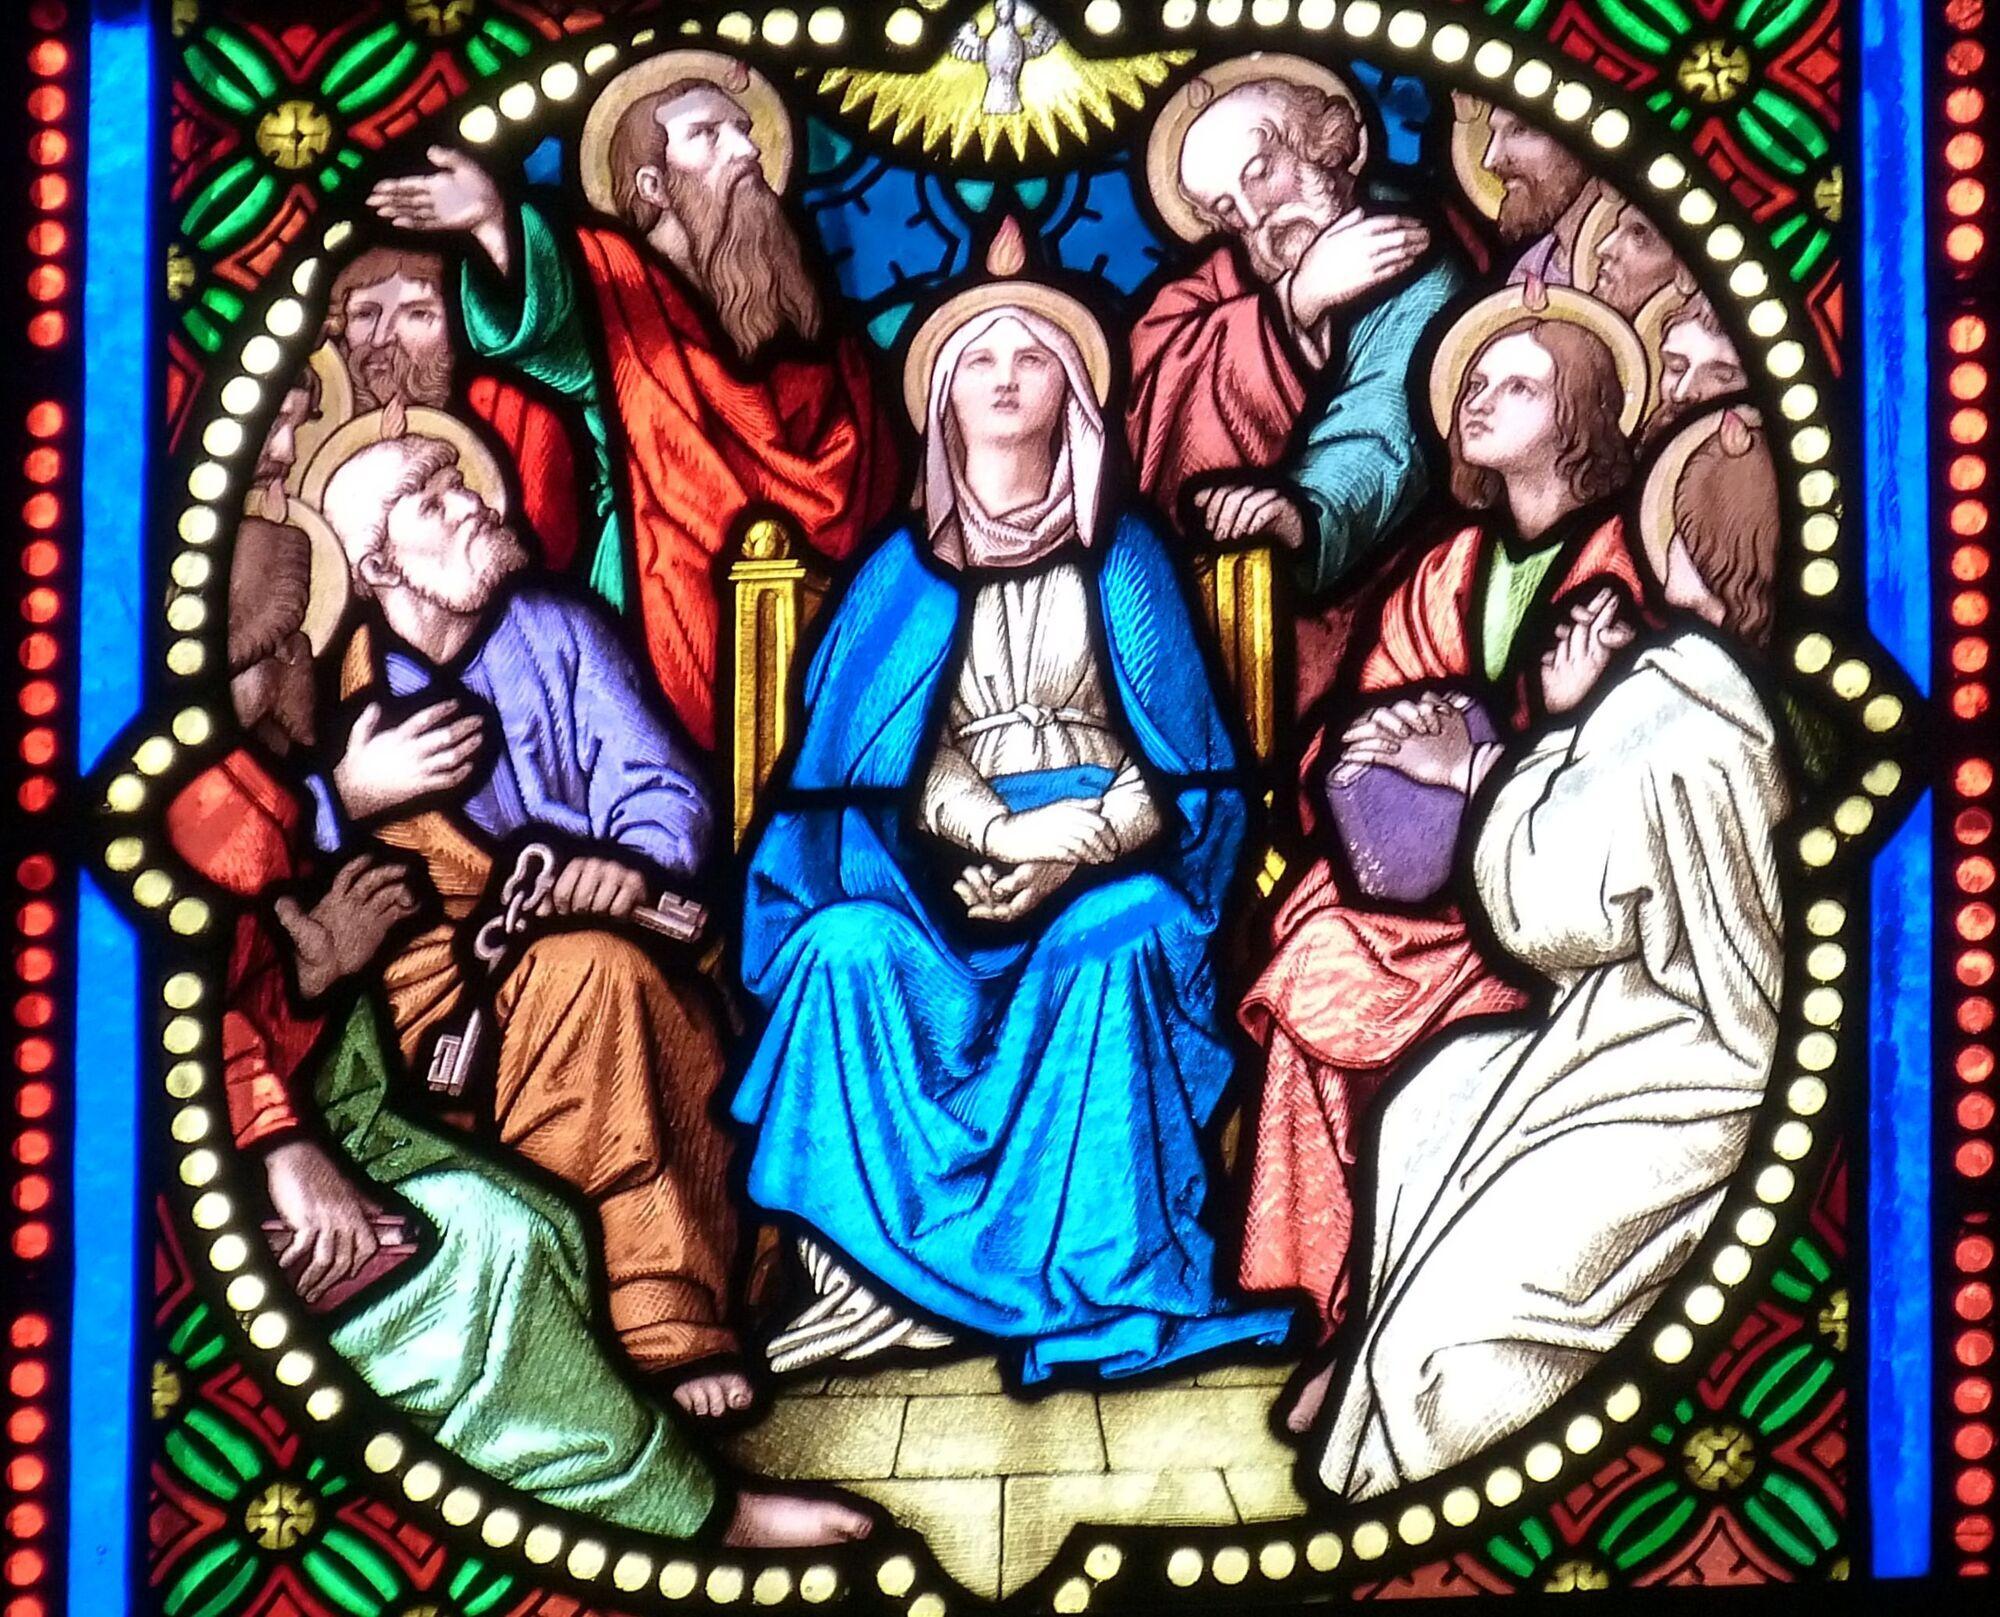 Пятидесятница и Троица у католиков являются двумя разными праздниками